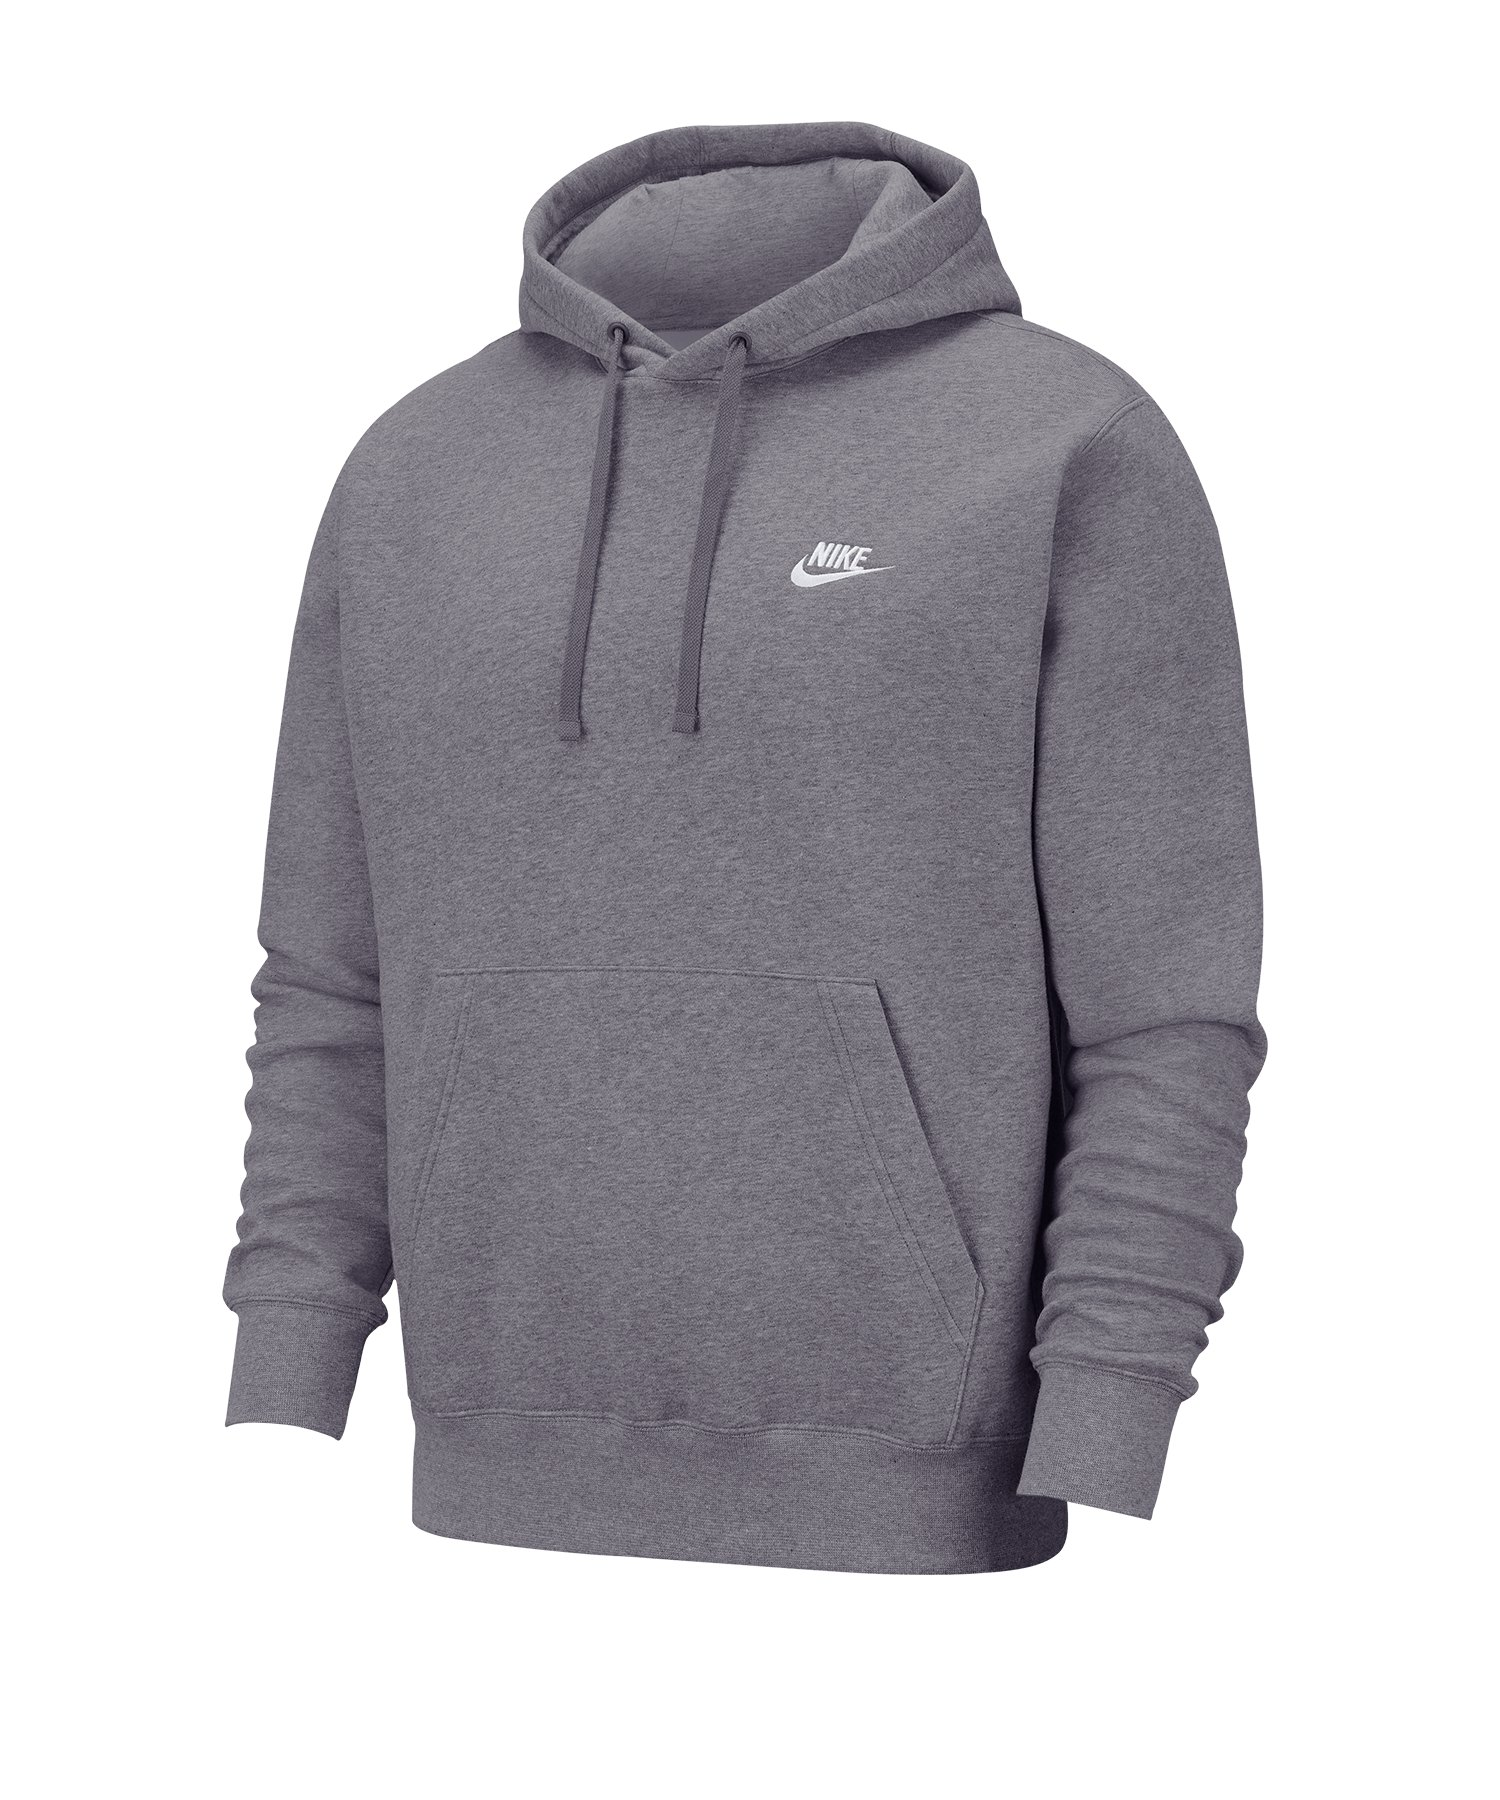 Nike Club Fleece Kapuzensweatshirt Grau F071 - grau